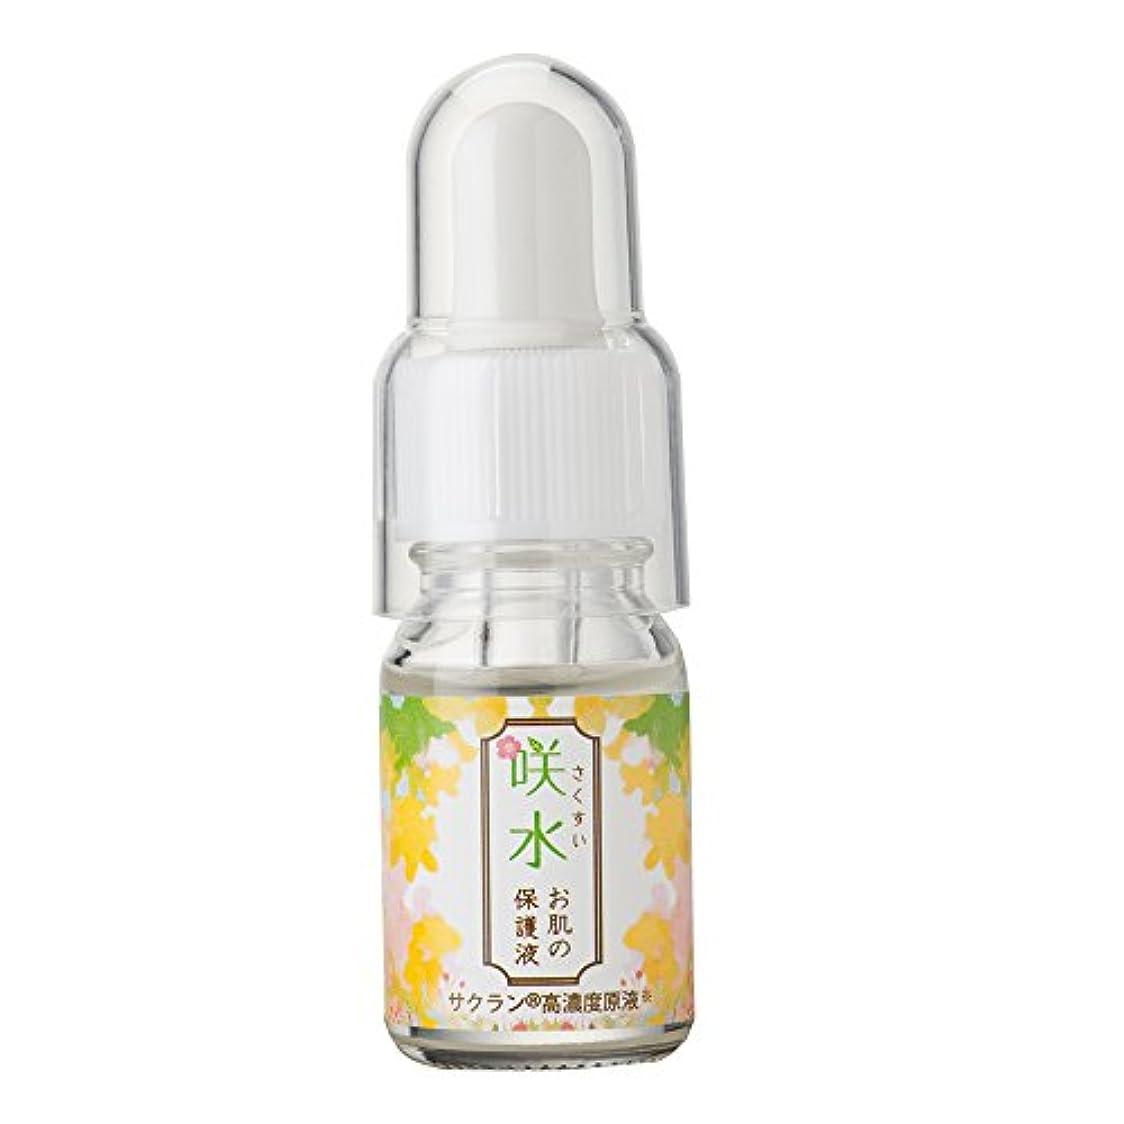 咲水お肌の保護液 10ml  保湿 美容液 顔 スイセンジノリ サクラン リバテープ製薬公式